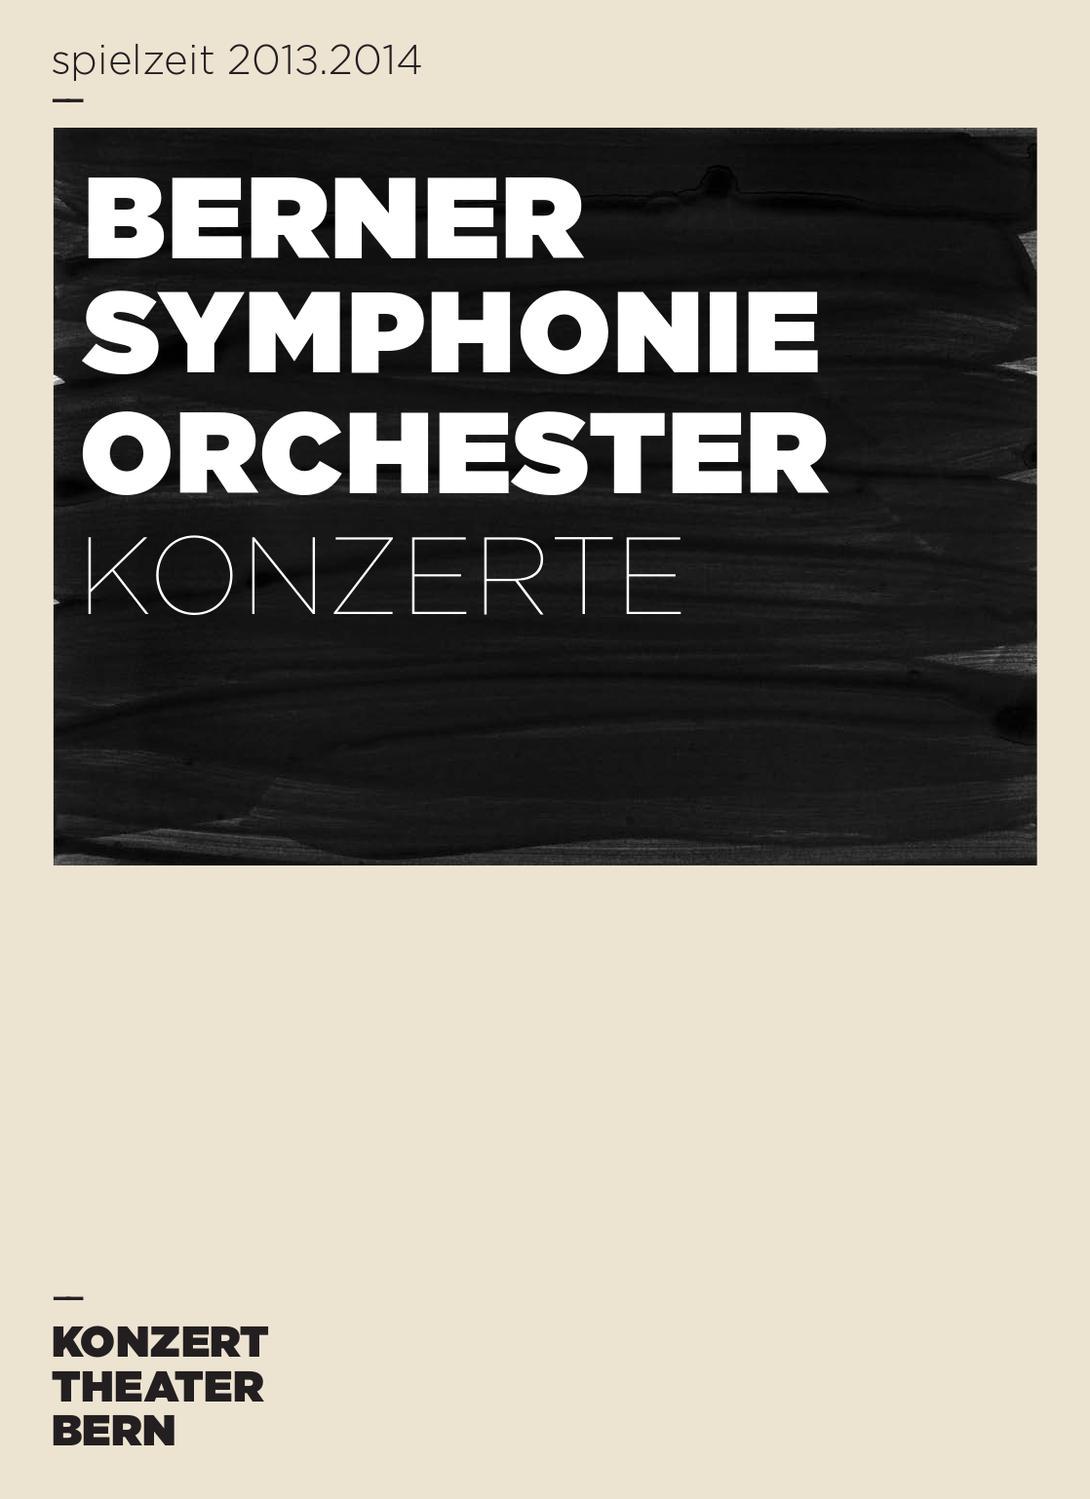 Konzert Theater Bern - Berner Symphonieorchester Saisonvorschau 2013 ...